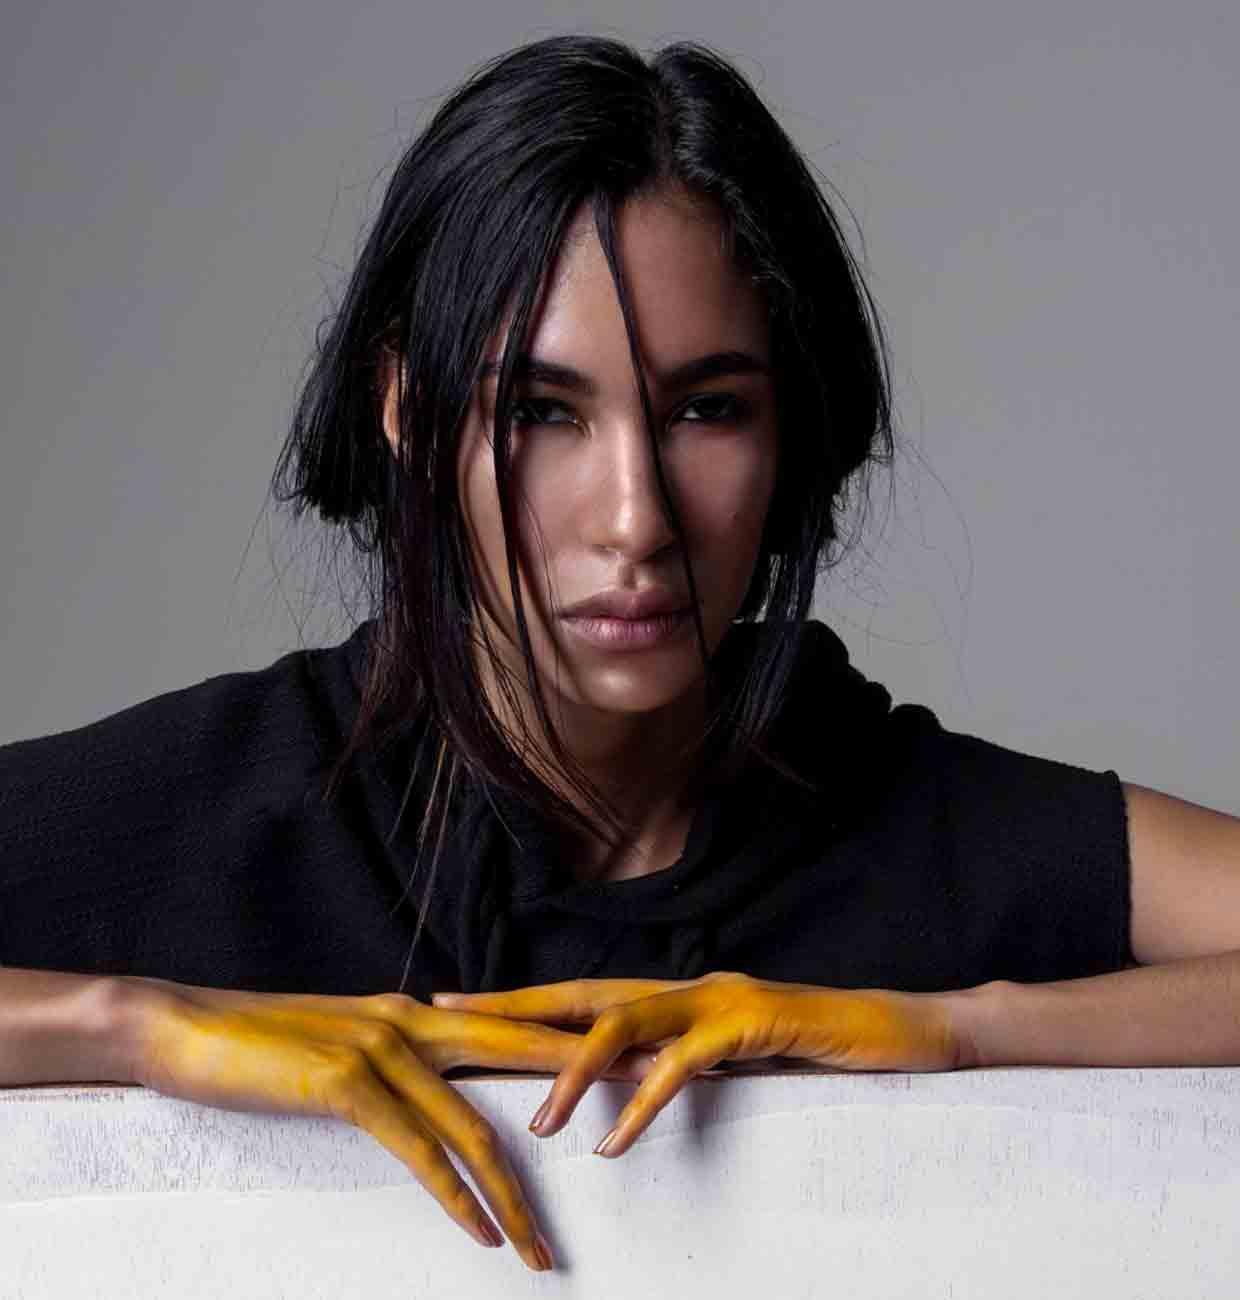 Modelos Panameñas Que Han Triunfado En El Mercado De Moda